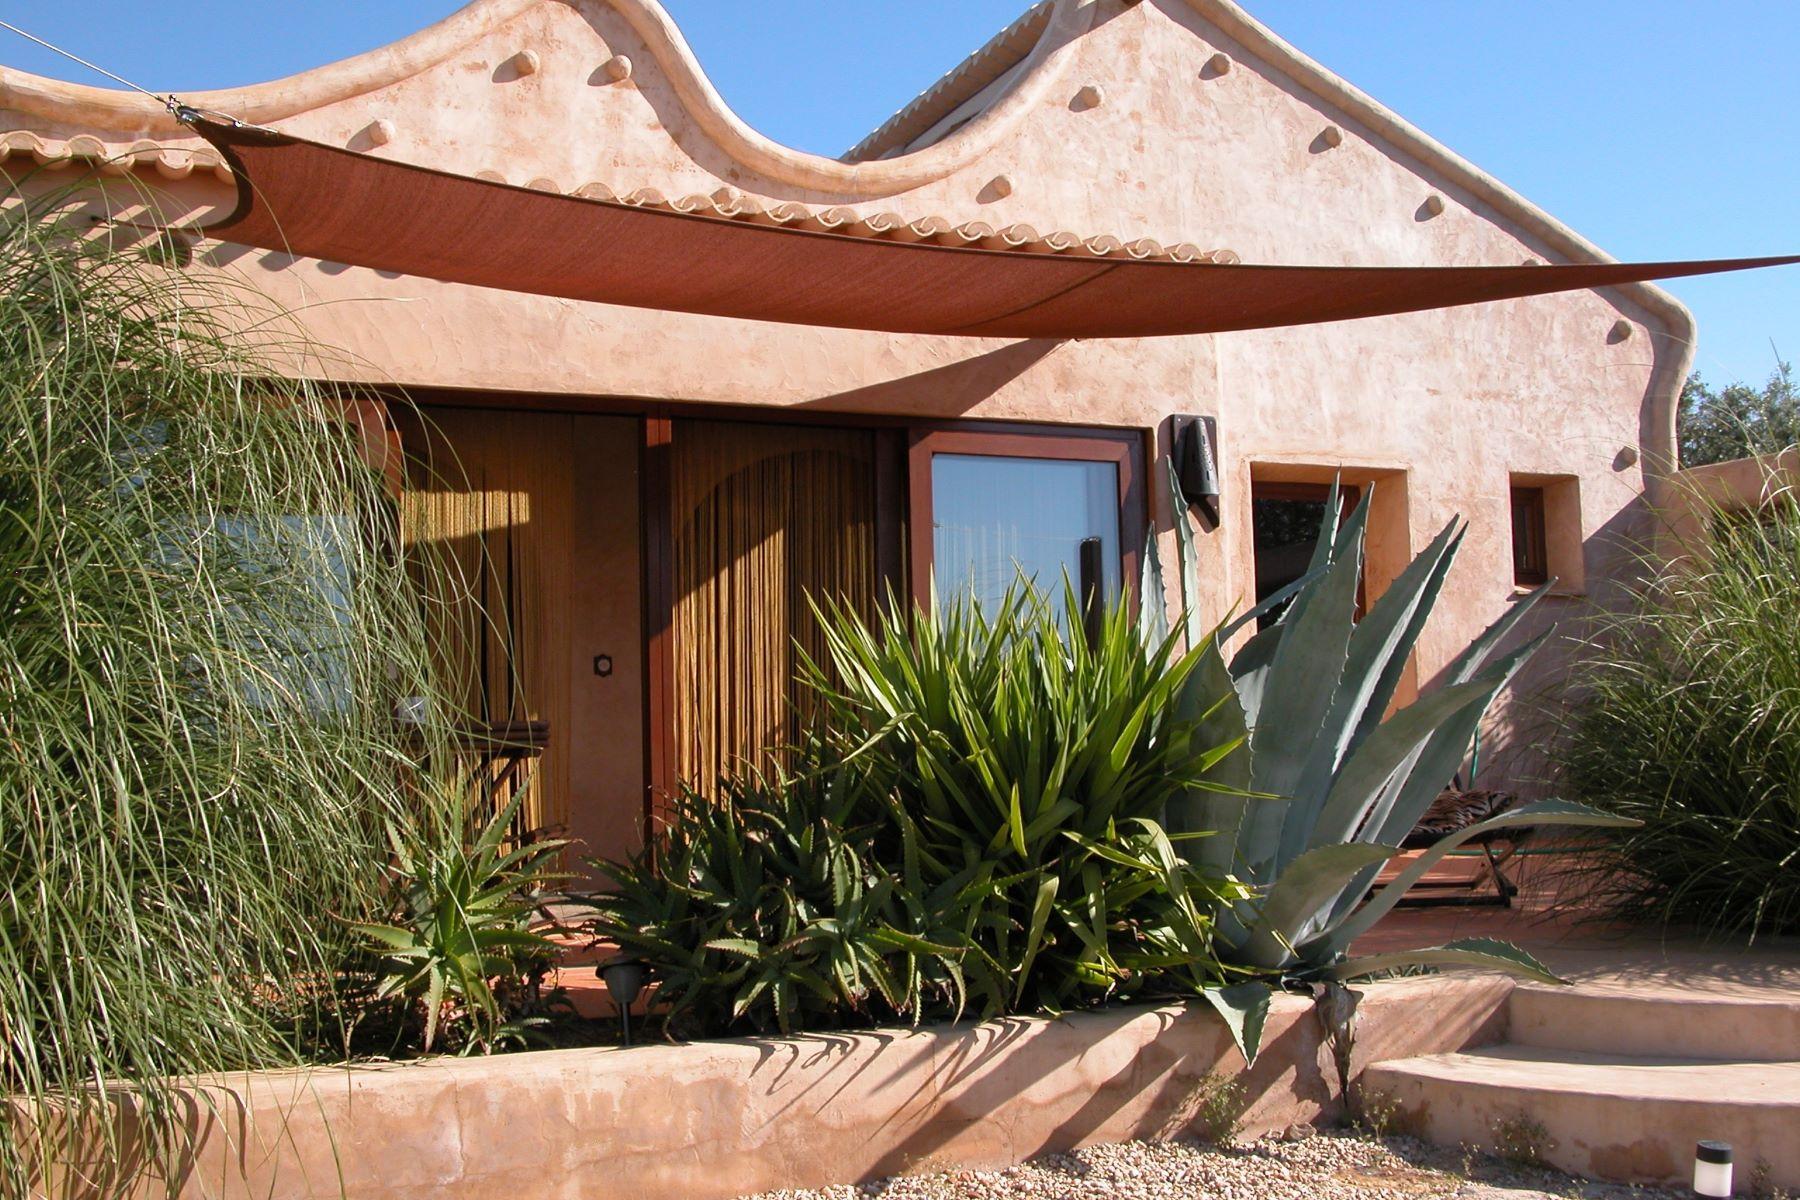 农场 / 牧场 / 种植园 为 销售 在 Country Estate, 10 bedrooms, for Sale 阿拉罗罗斯, 埃武拉 葡萄牙